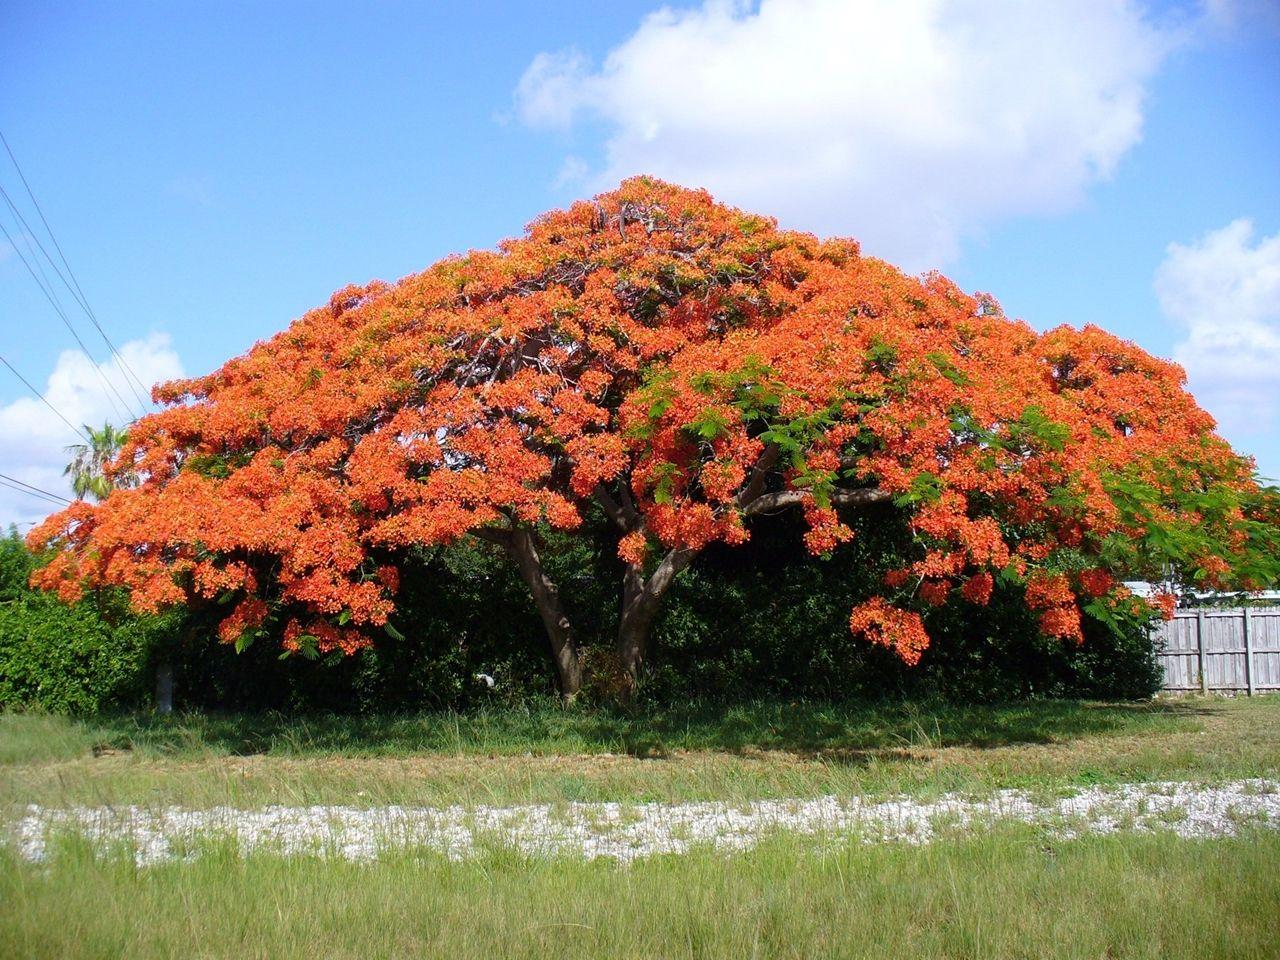 дерево с большими красными цветами фото декоративной